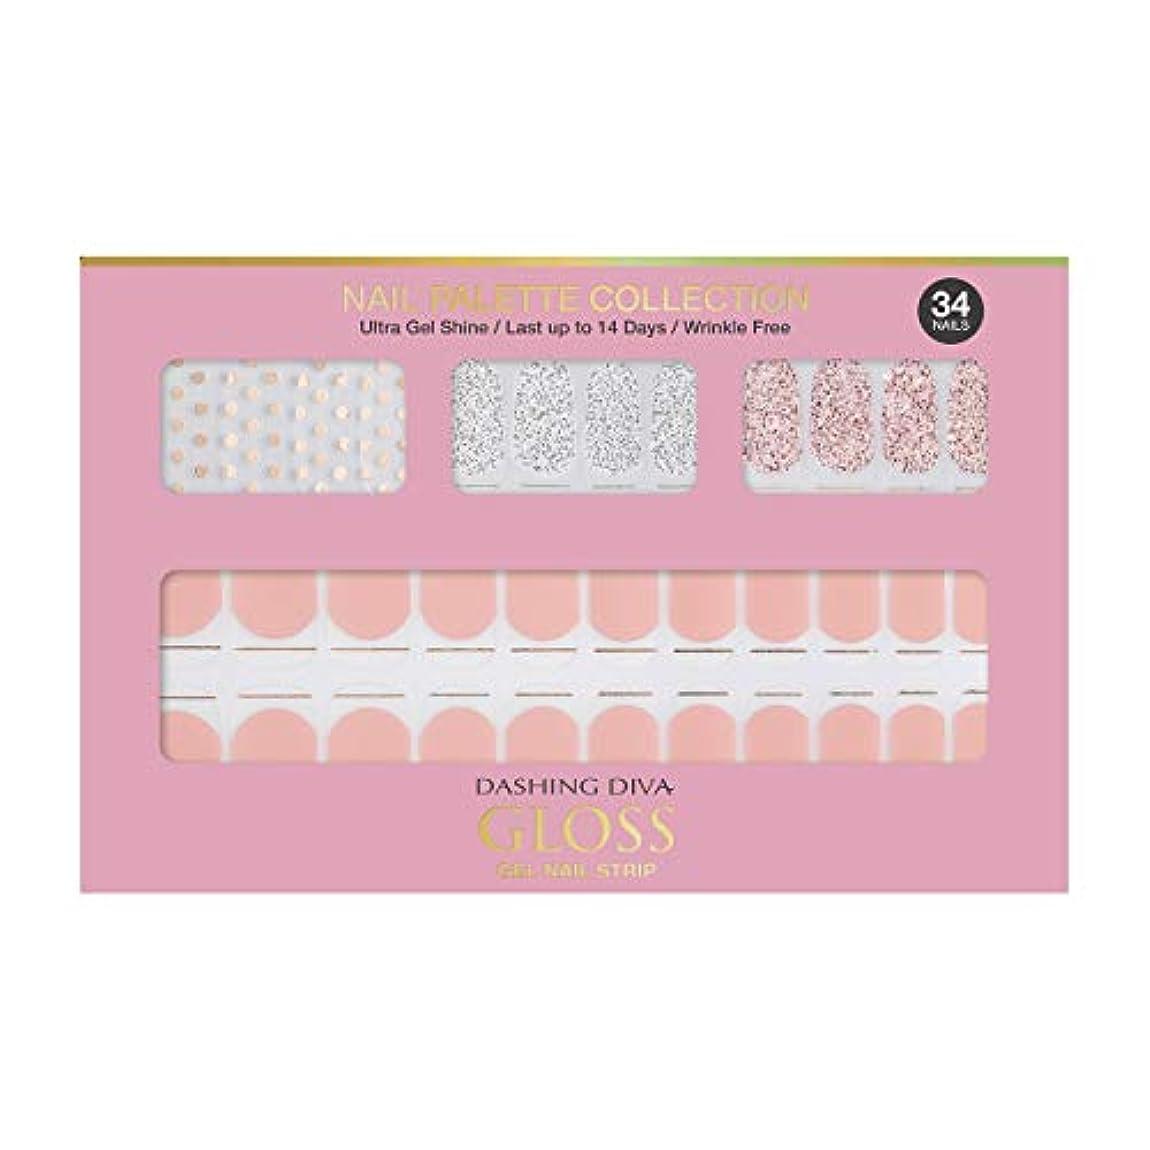 注入チョーク傷跡ダッシングディバ グロスジェル ネイルストリップ DASHING DIVA Gloss Gel Nail Strip DGNP01-DURY+ オリジナルジェル ネイルシール Rosy #01 Dot Skirt